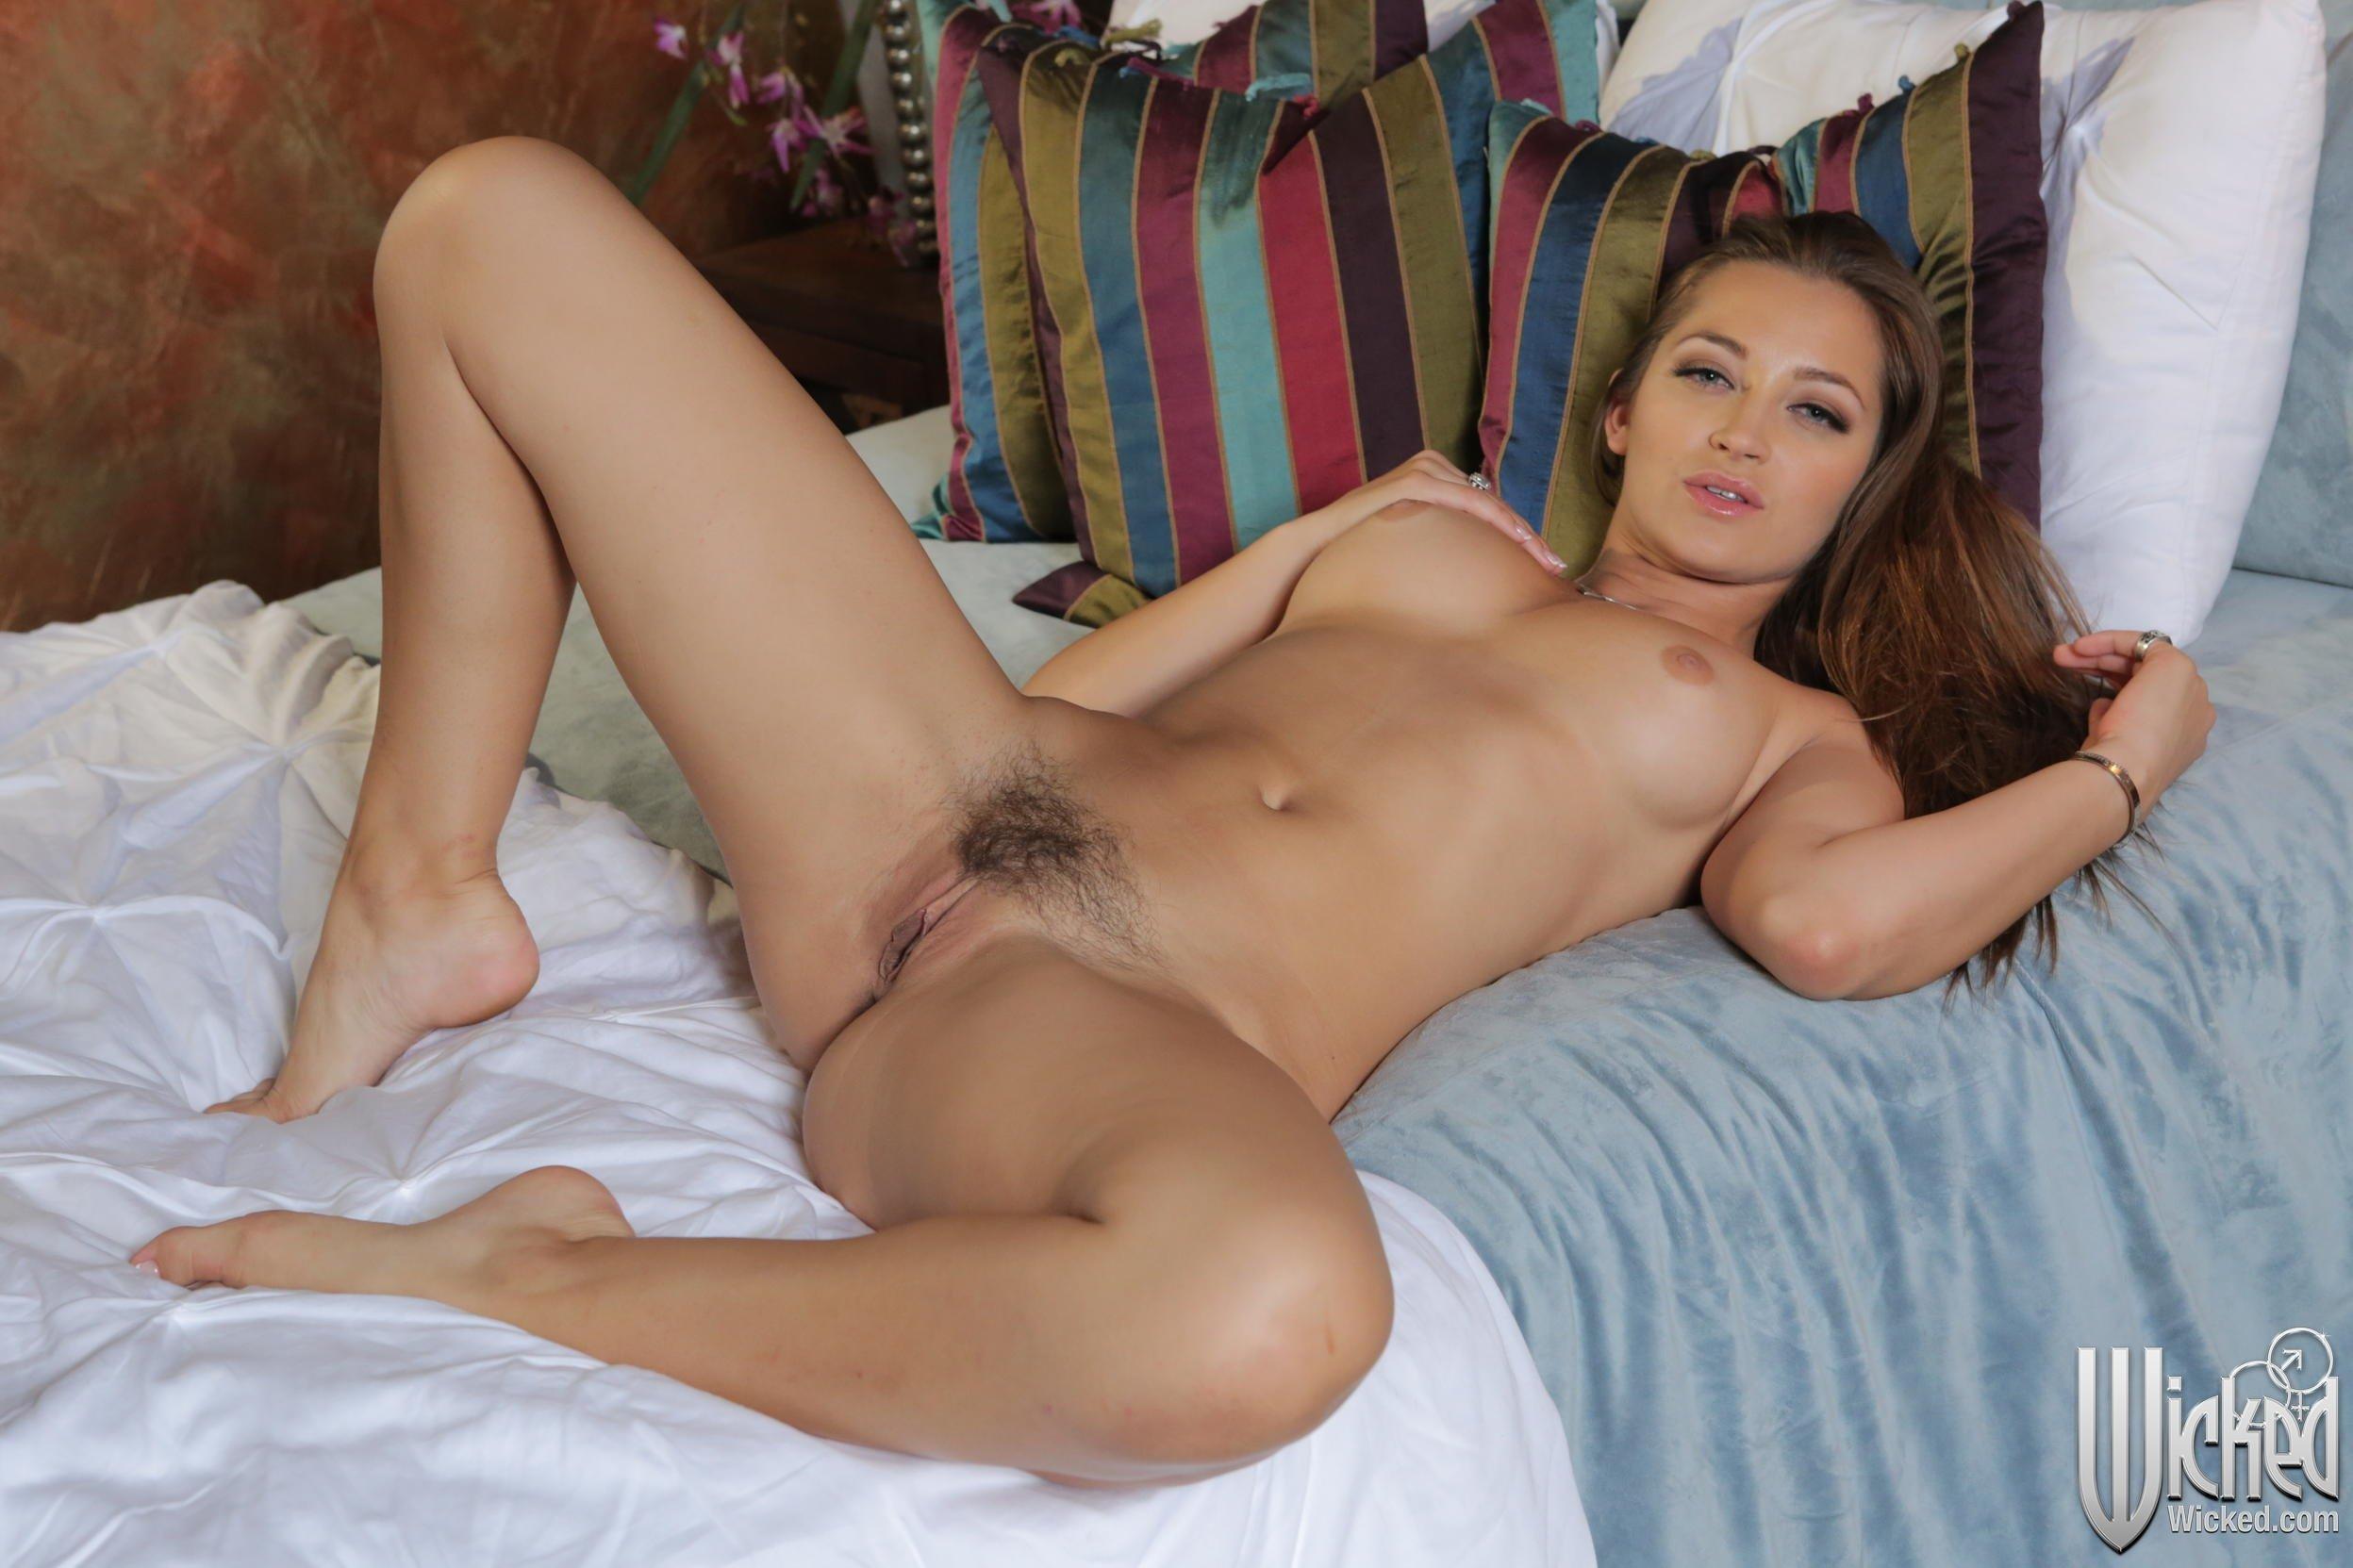 Сперма на пизде - Порно фото галерея 980232